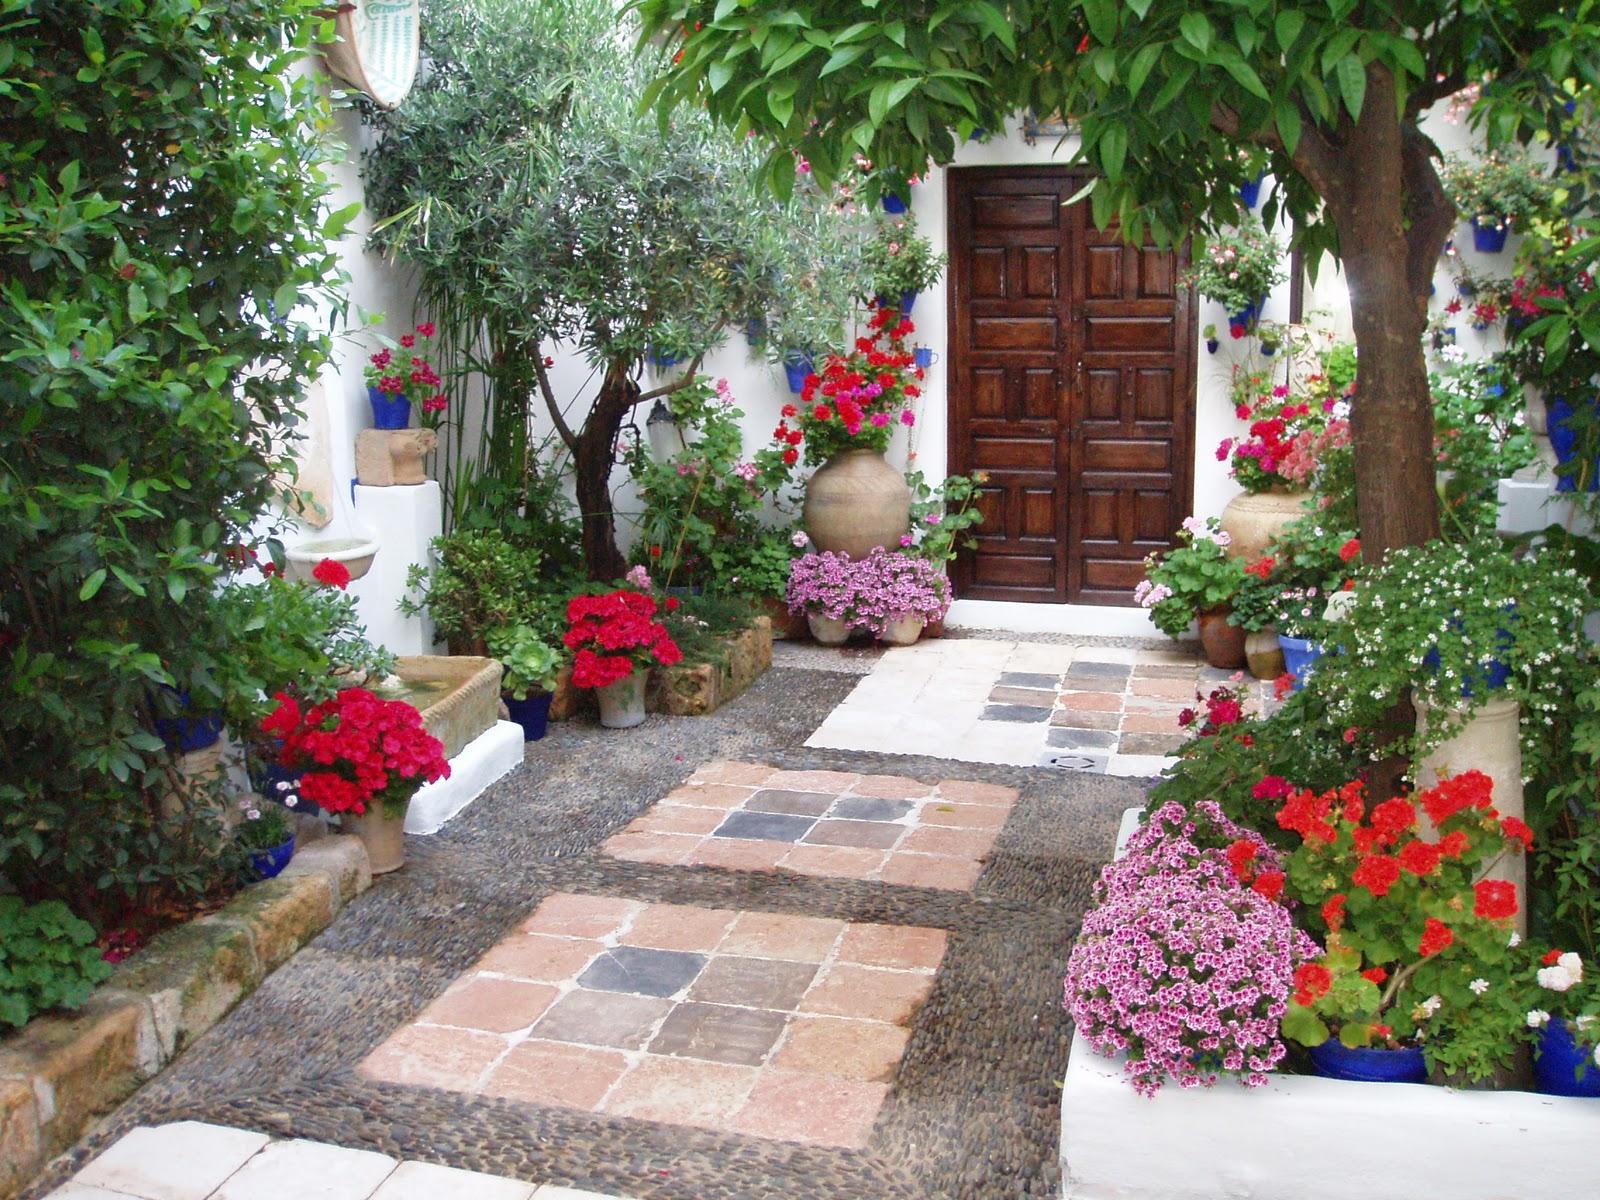 Arte y jardiner a jard n mediterr neo - Patios con estilo ...